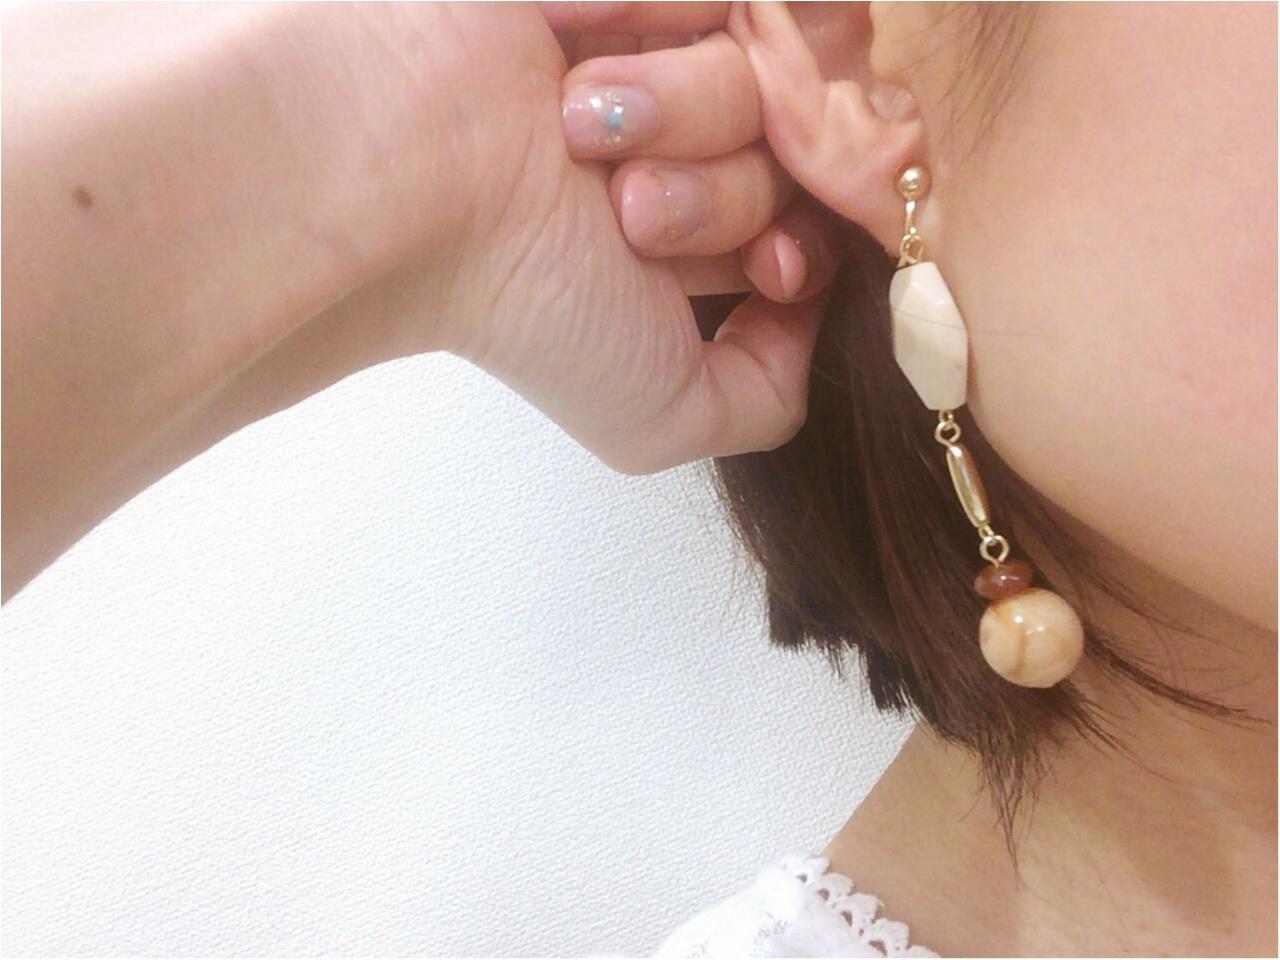 大ぶりイヤリングも【GU】流行小物も安い《高見え590円》実際つけてみた!_4